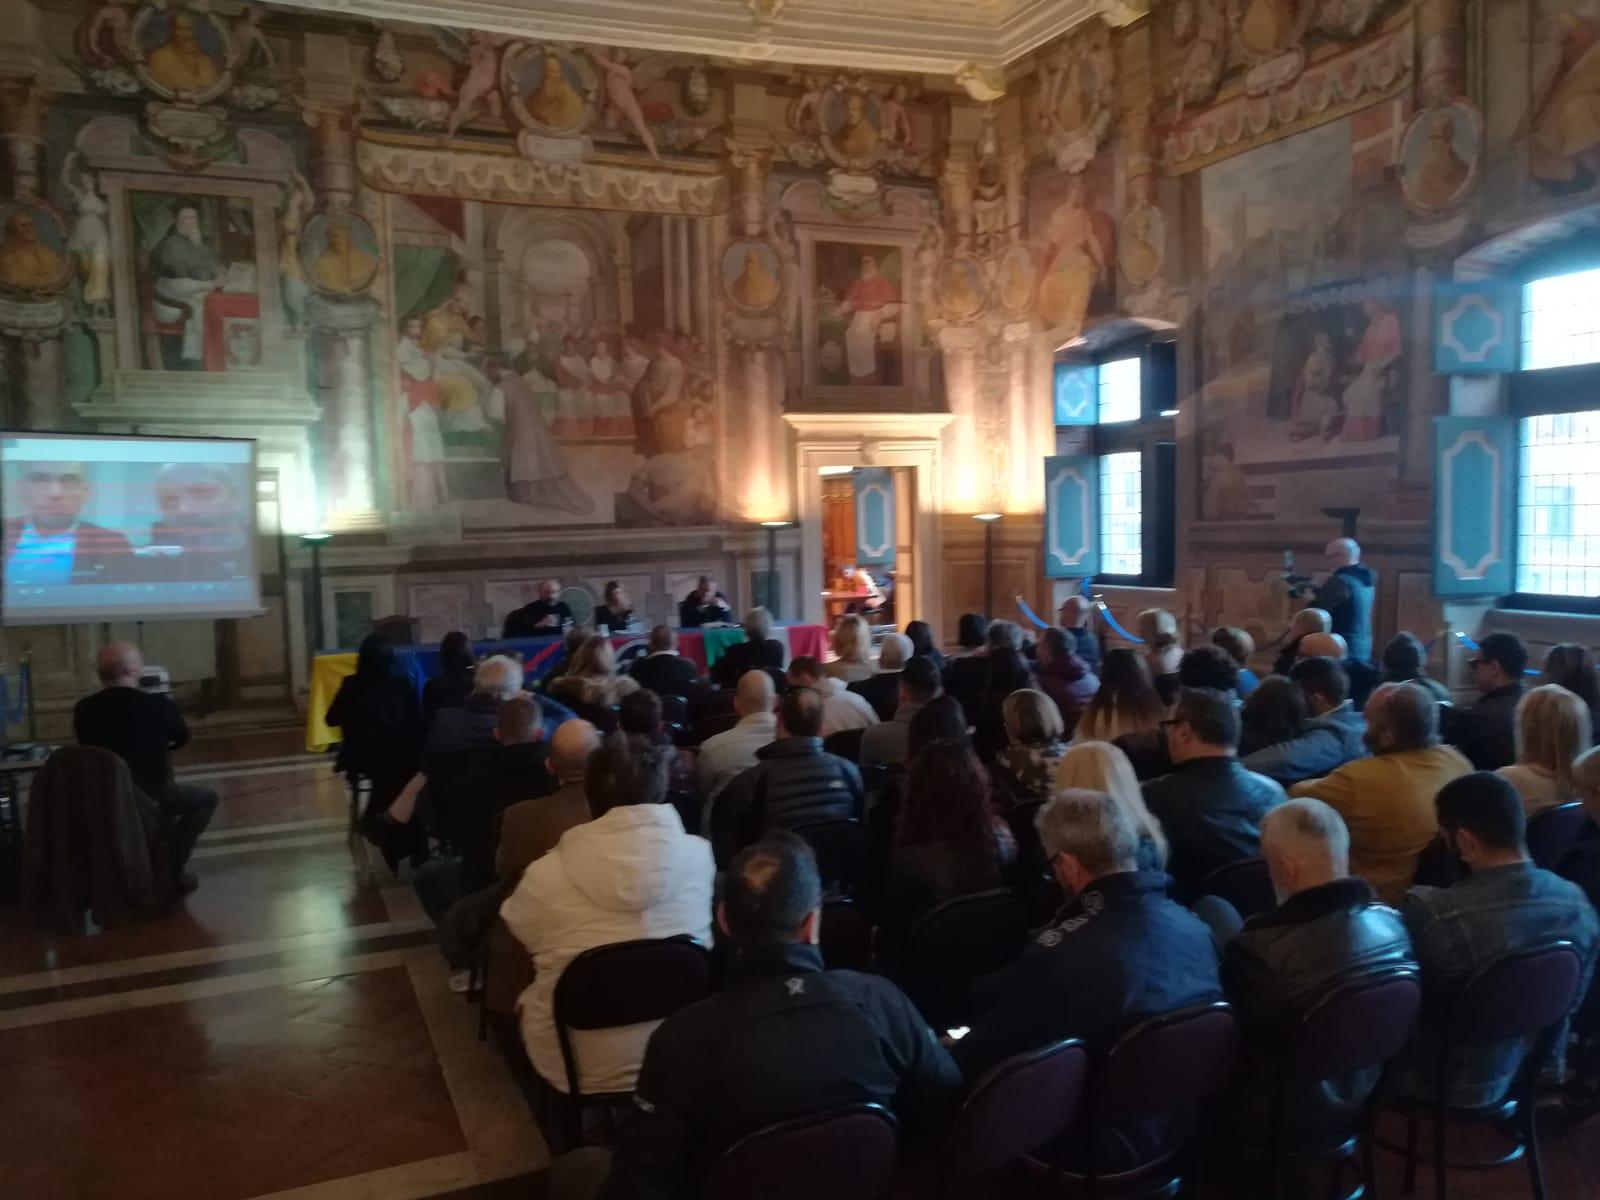 Viterbo, incontri: alla sala Regia la conferenza di Casa Pound sull'immigrazione e il business dell'accoglienza